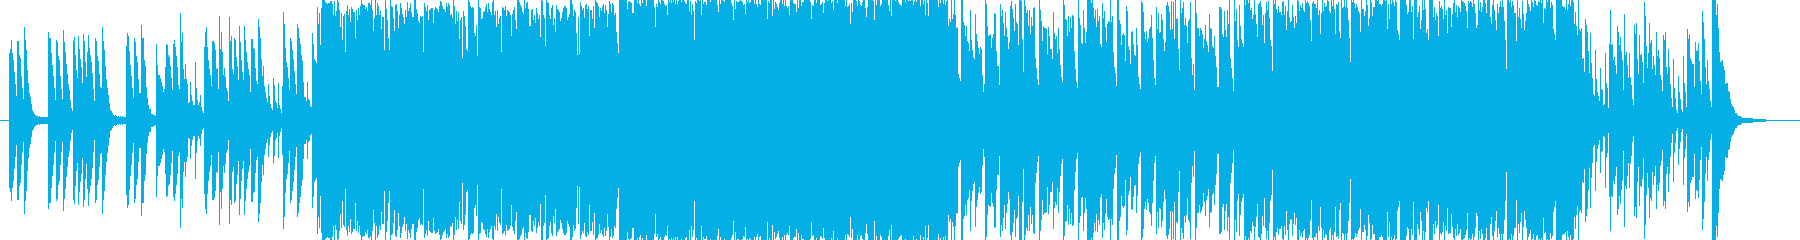 オープニング風の楽しいBGMの再生済みの波形